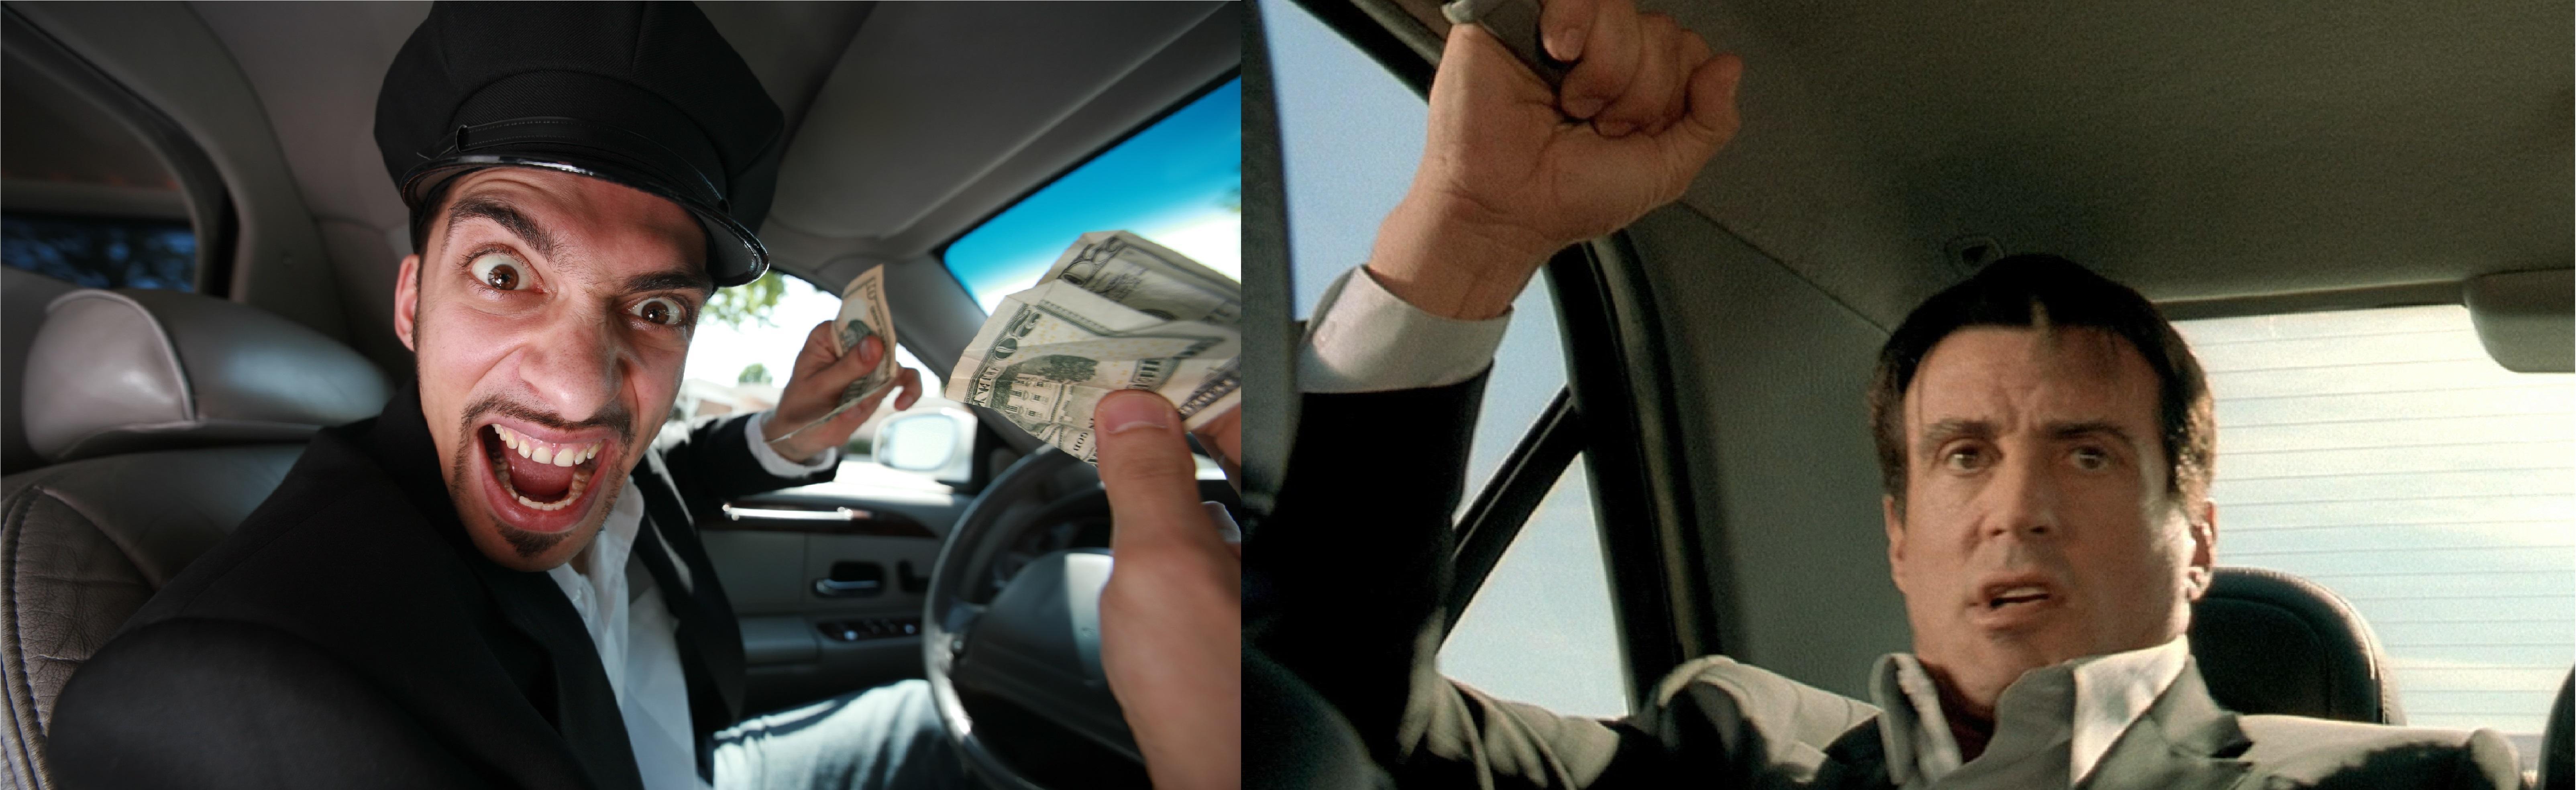 Картинки по запросу водитель такси